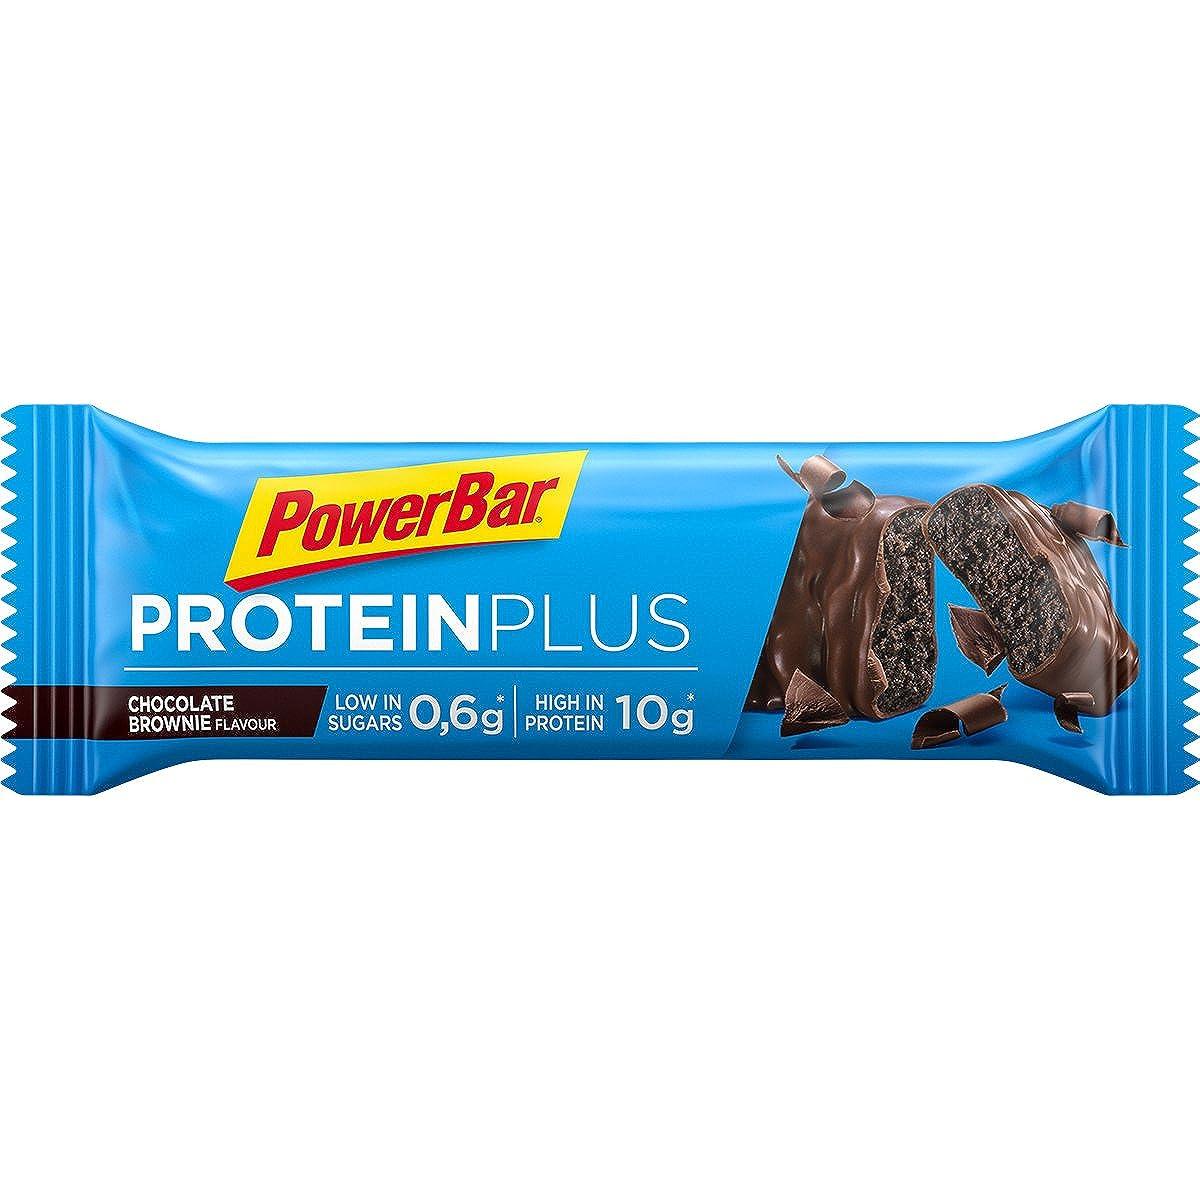 Einen guten Proteinriegel bekommen Sie bei dem Hersteller Powerbar.